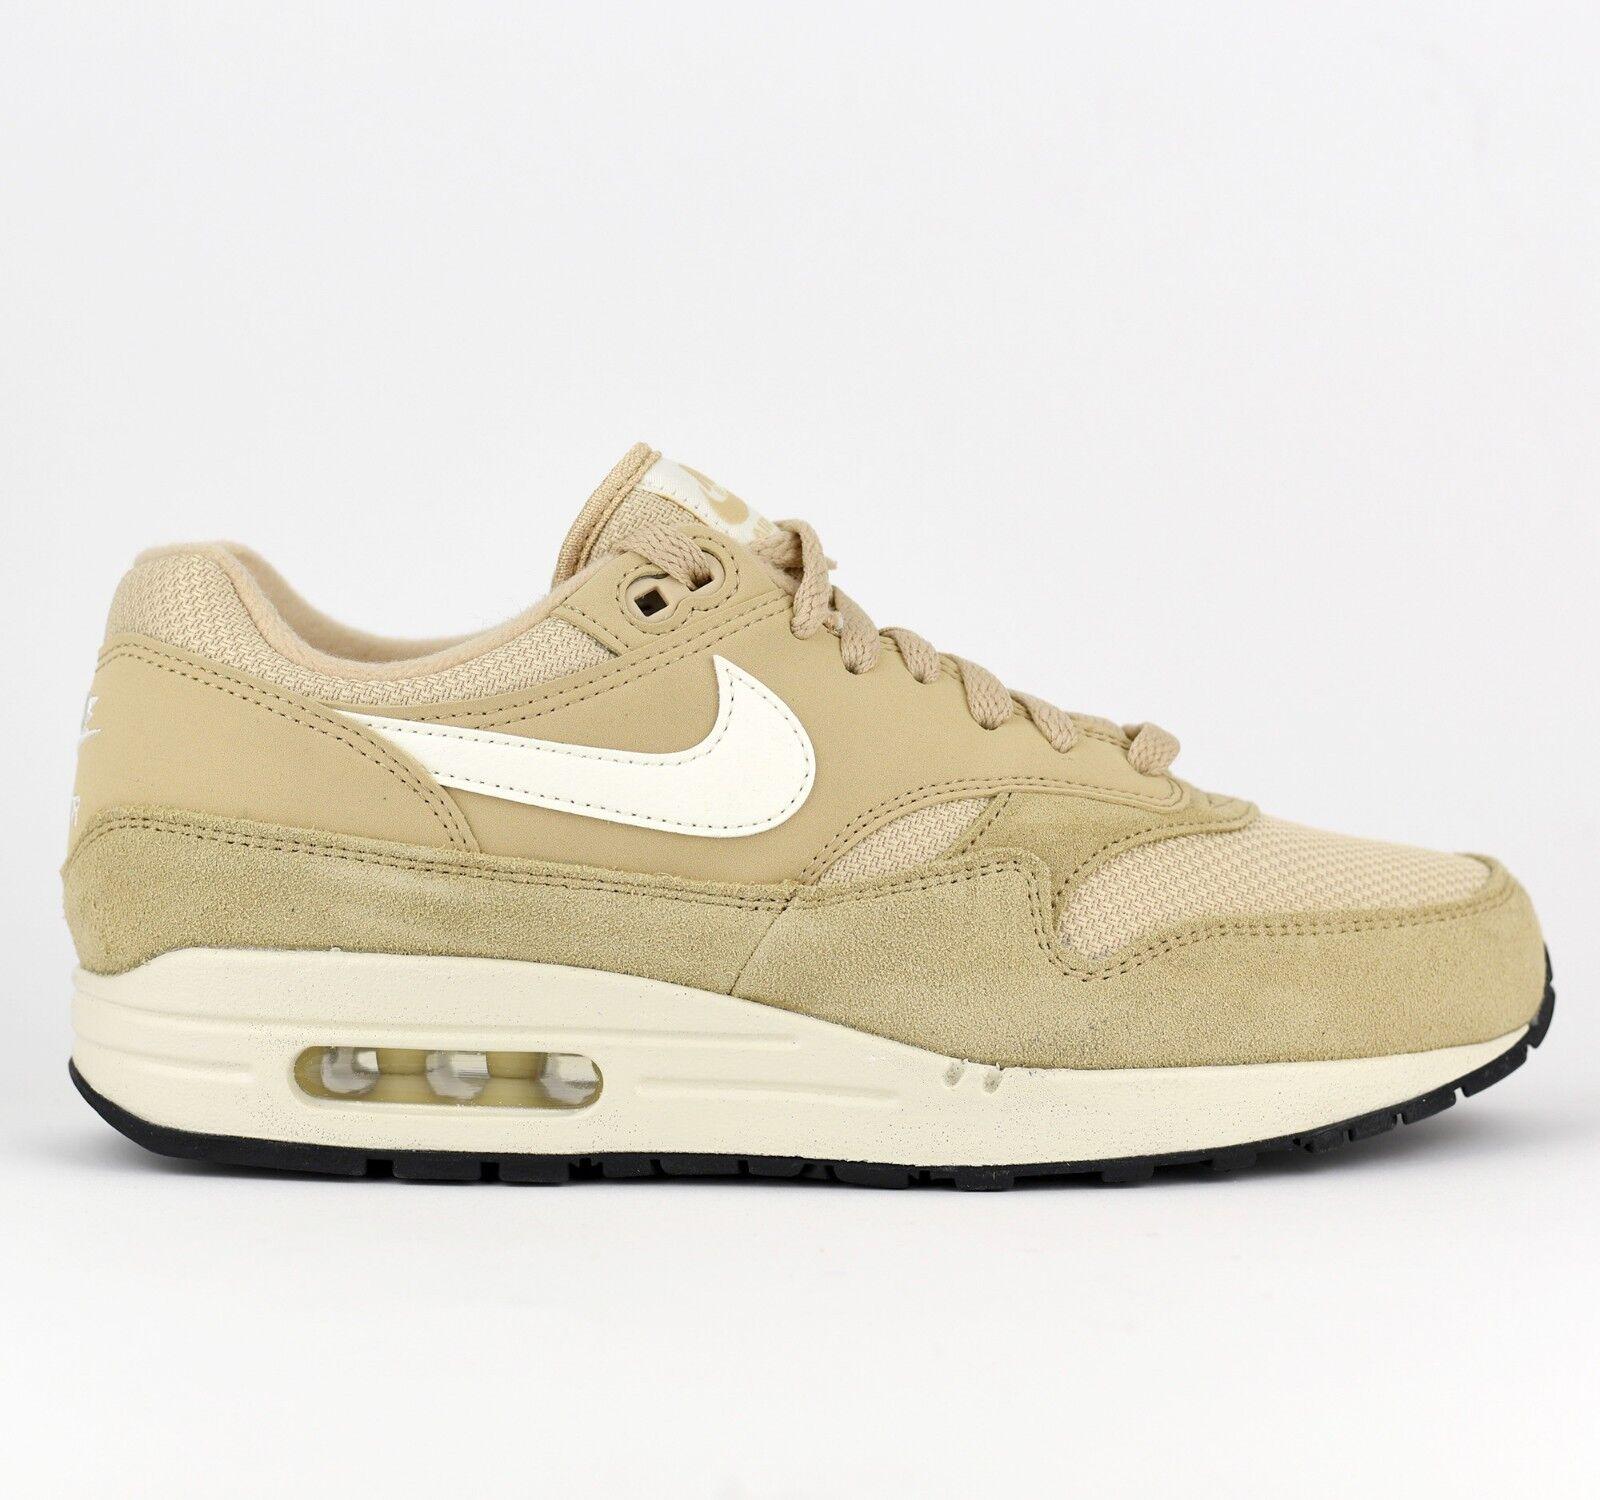 Nike Air Max 1 Men Lifestyle Sneakers shoes New Desert Ore Sail AH8145-202